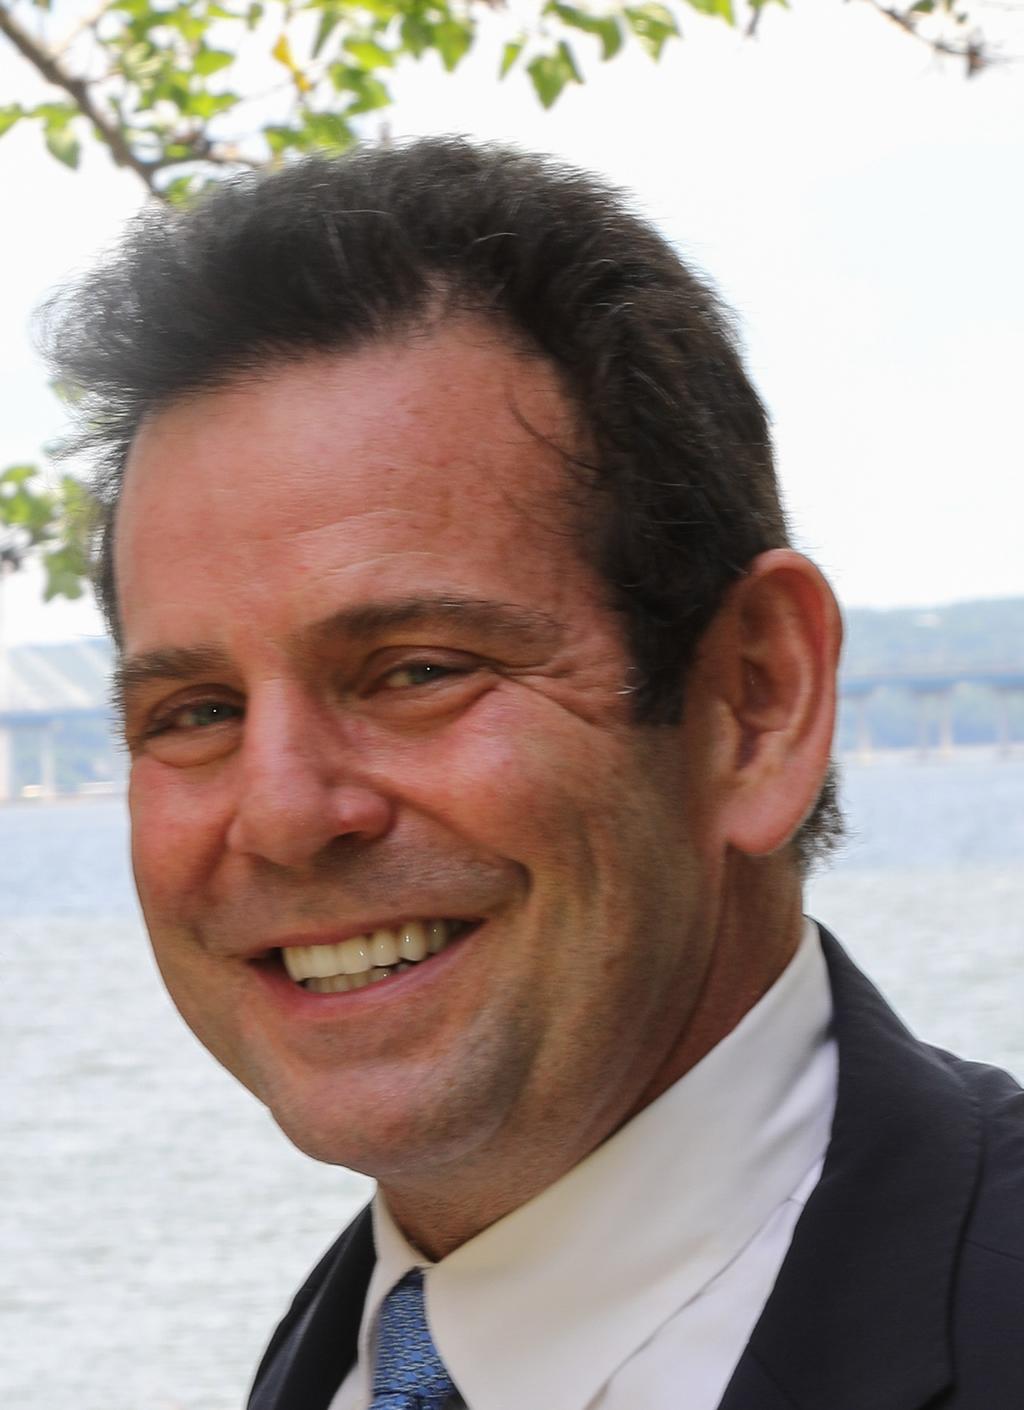 Kevin J Zugibe